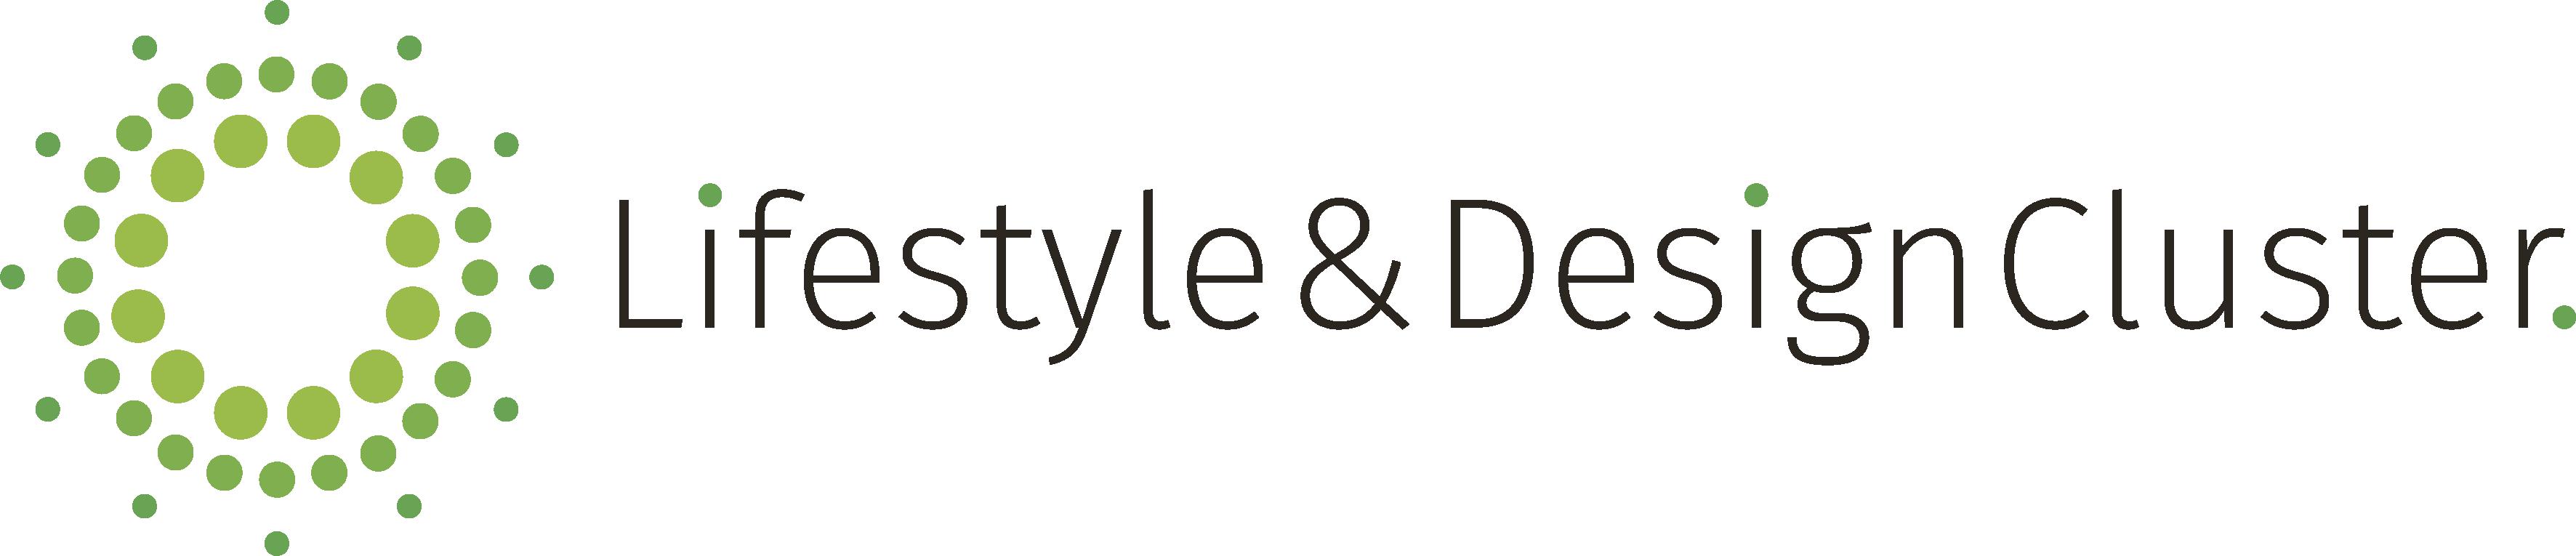 Lifestyle & Design Cluster Søger Projektleder Til Vores Digitaliseringsindsats